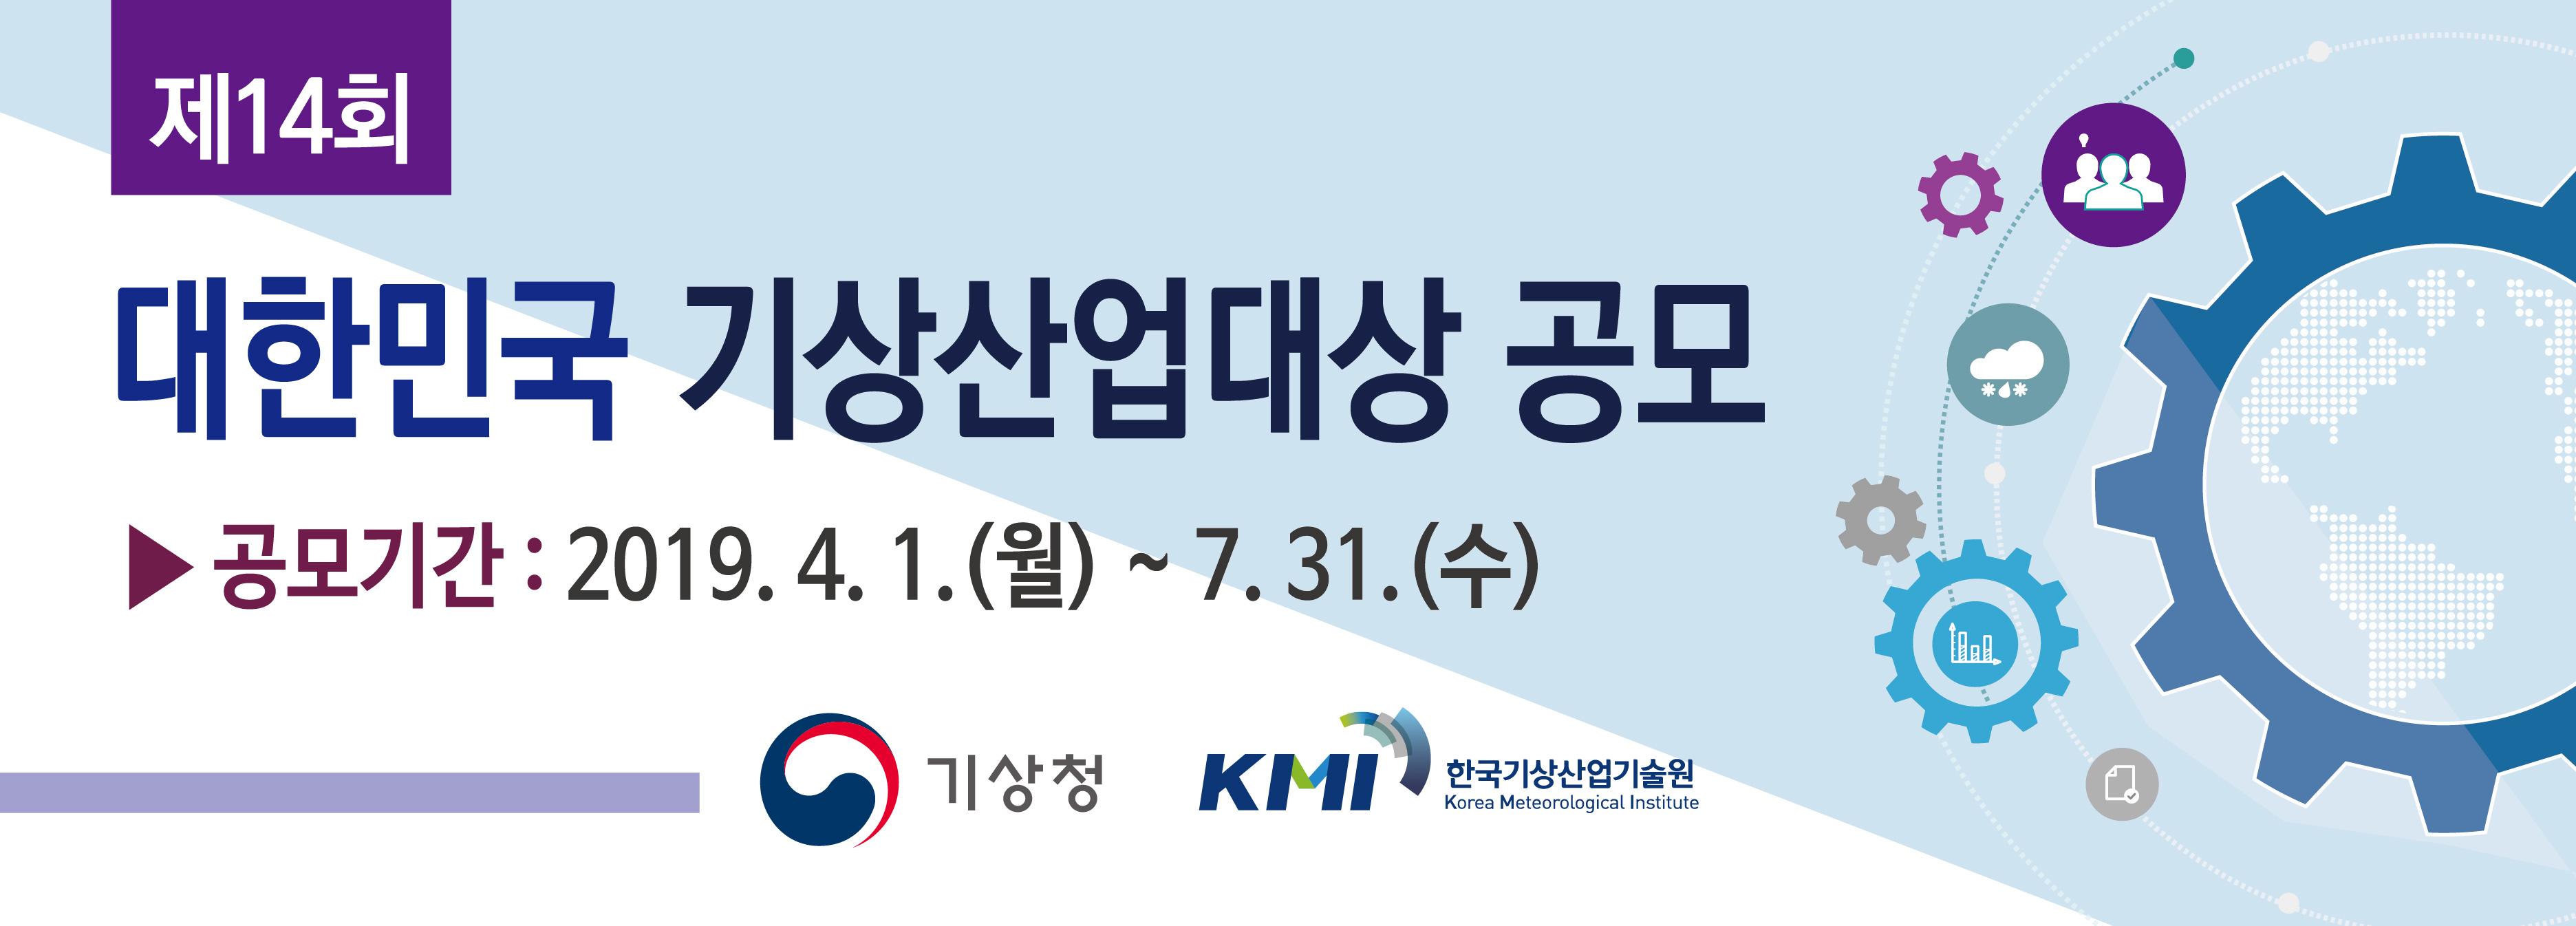 제14회 대한민국 기상산업대상 공모기간: 2019.4.1.~7.31.